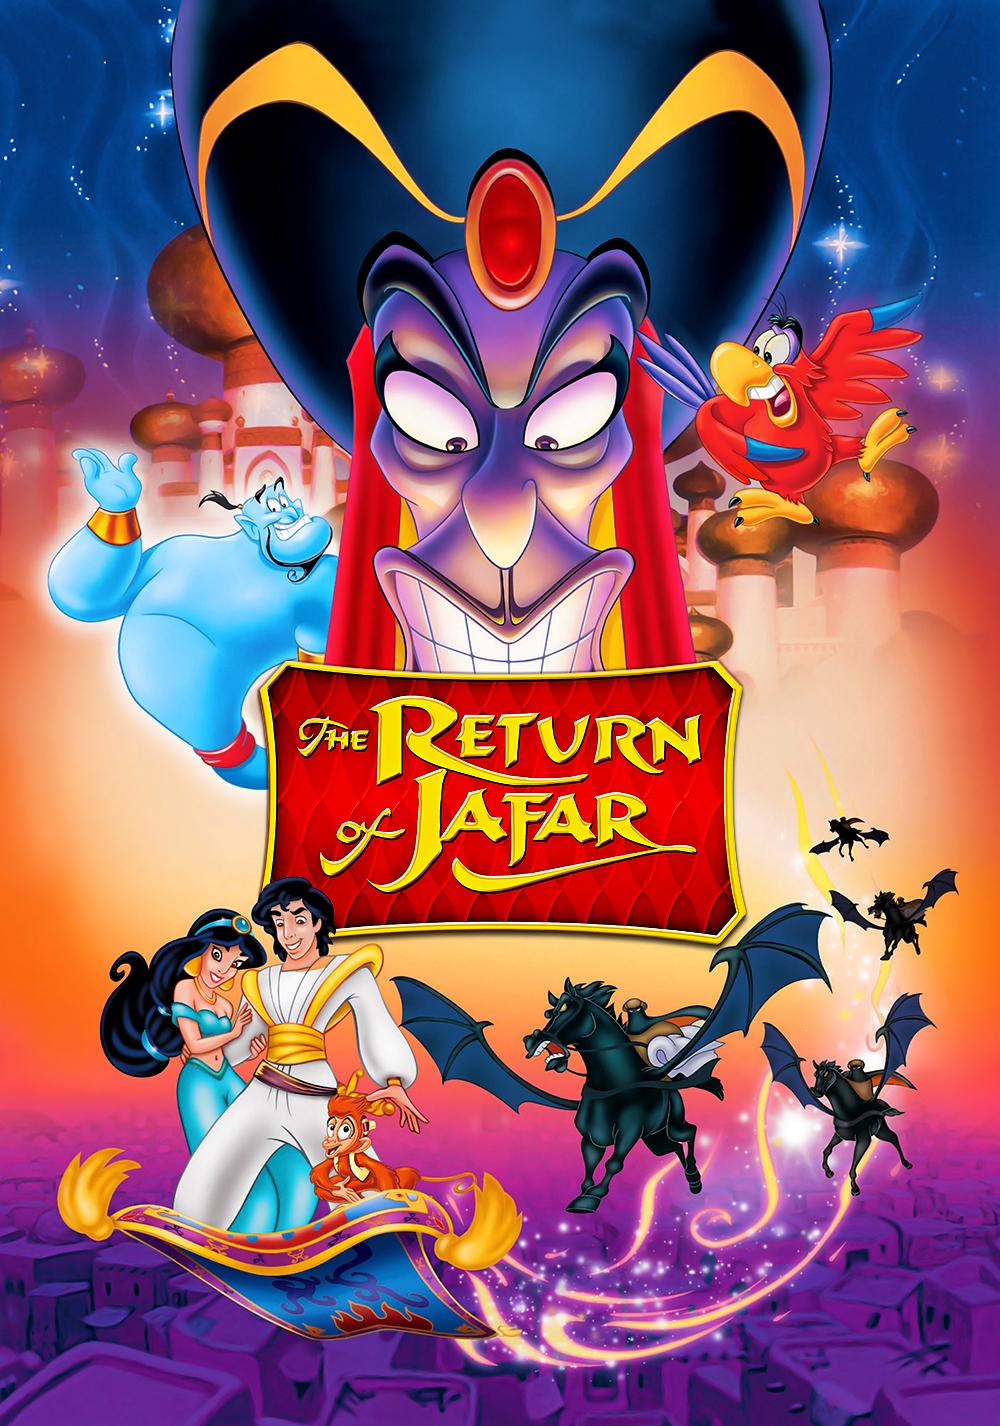 poster_aladdin_returnofjafar.jpg